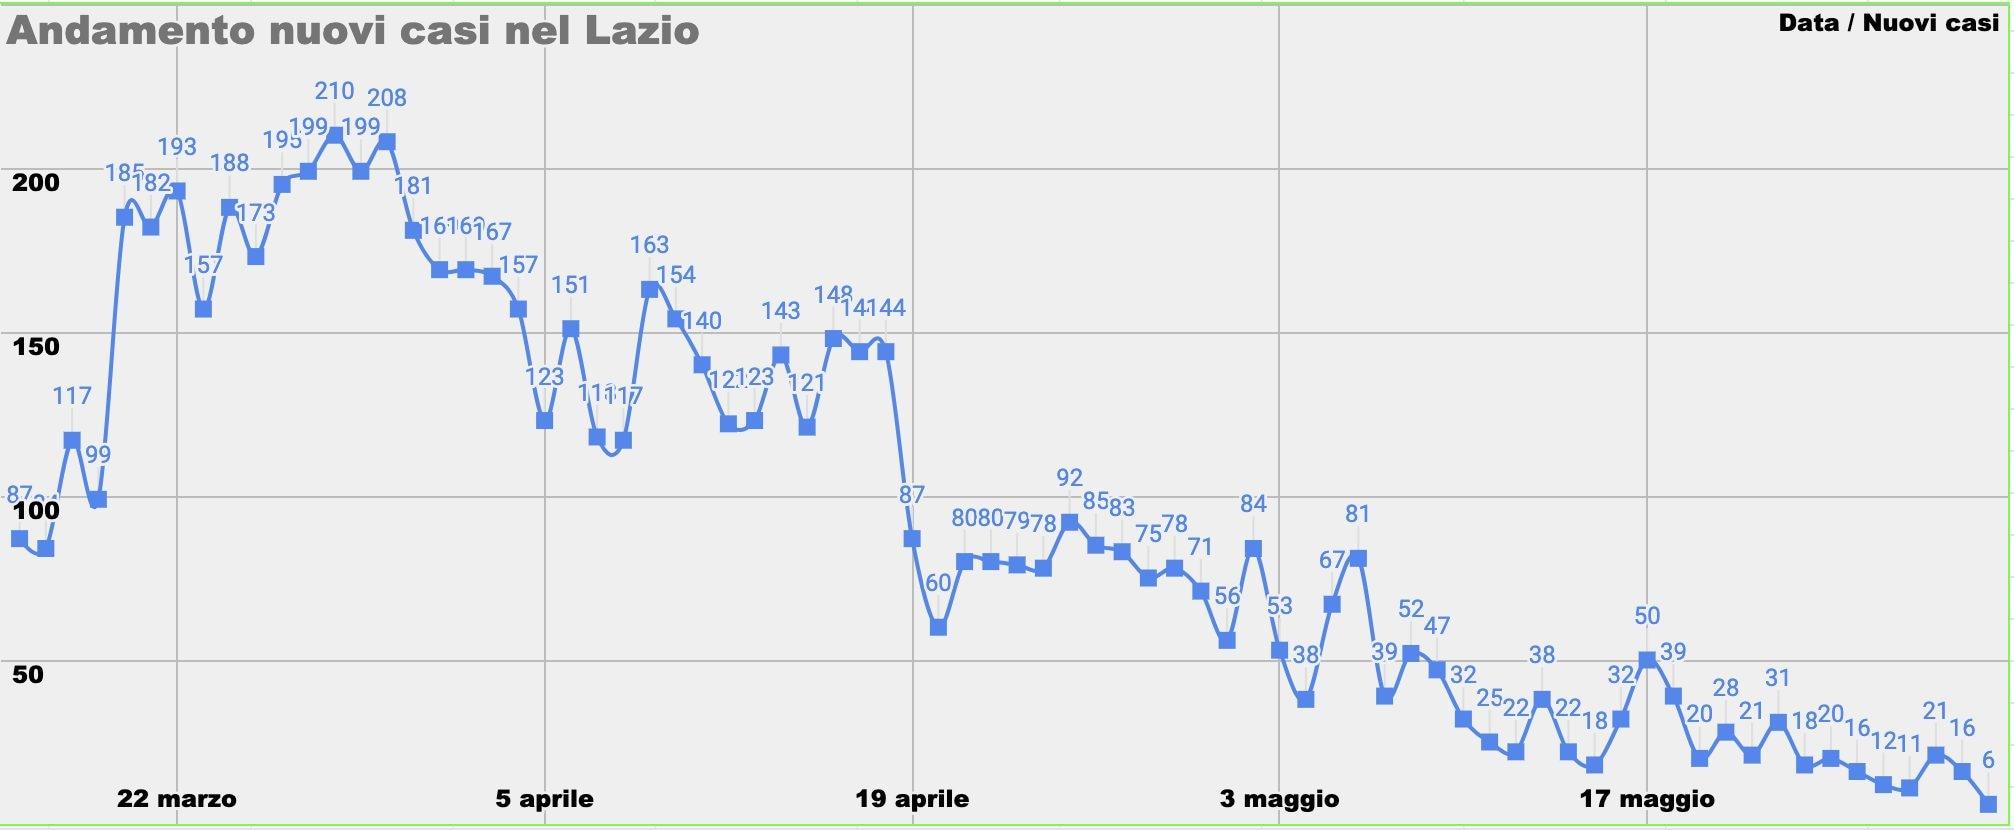 L'andamento dei nuovi casi nel Lazio